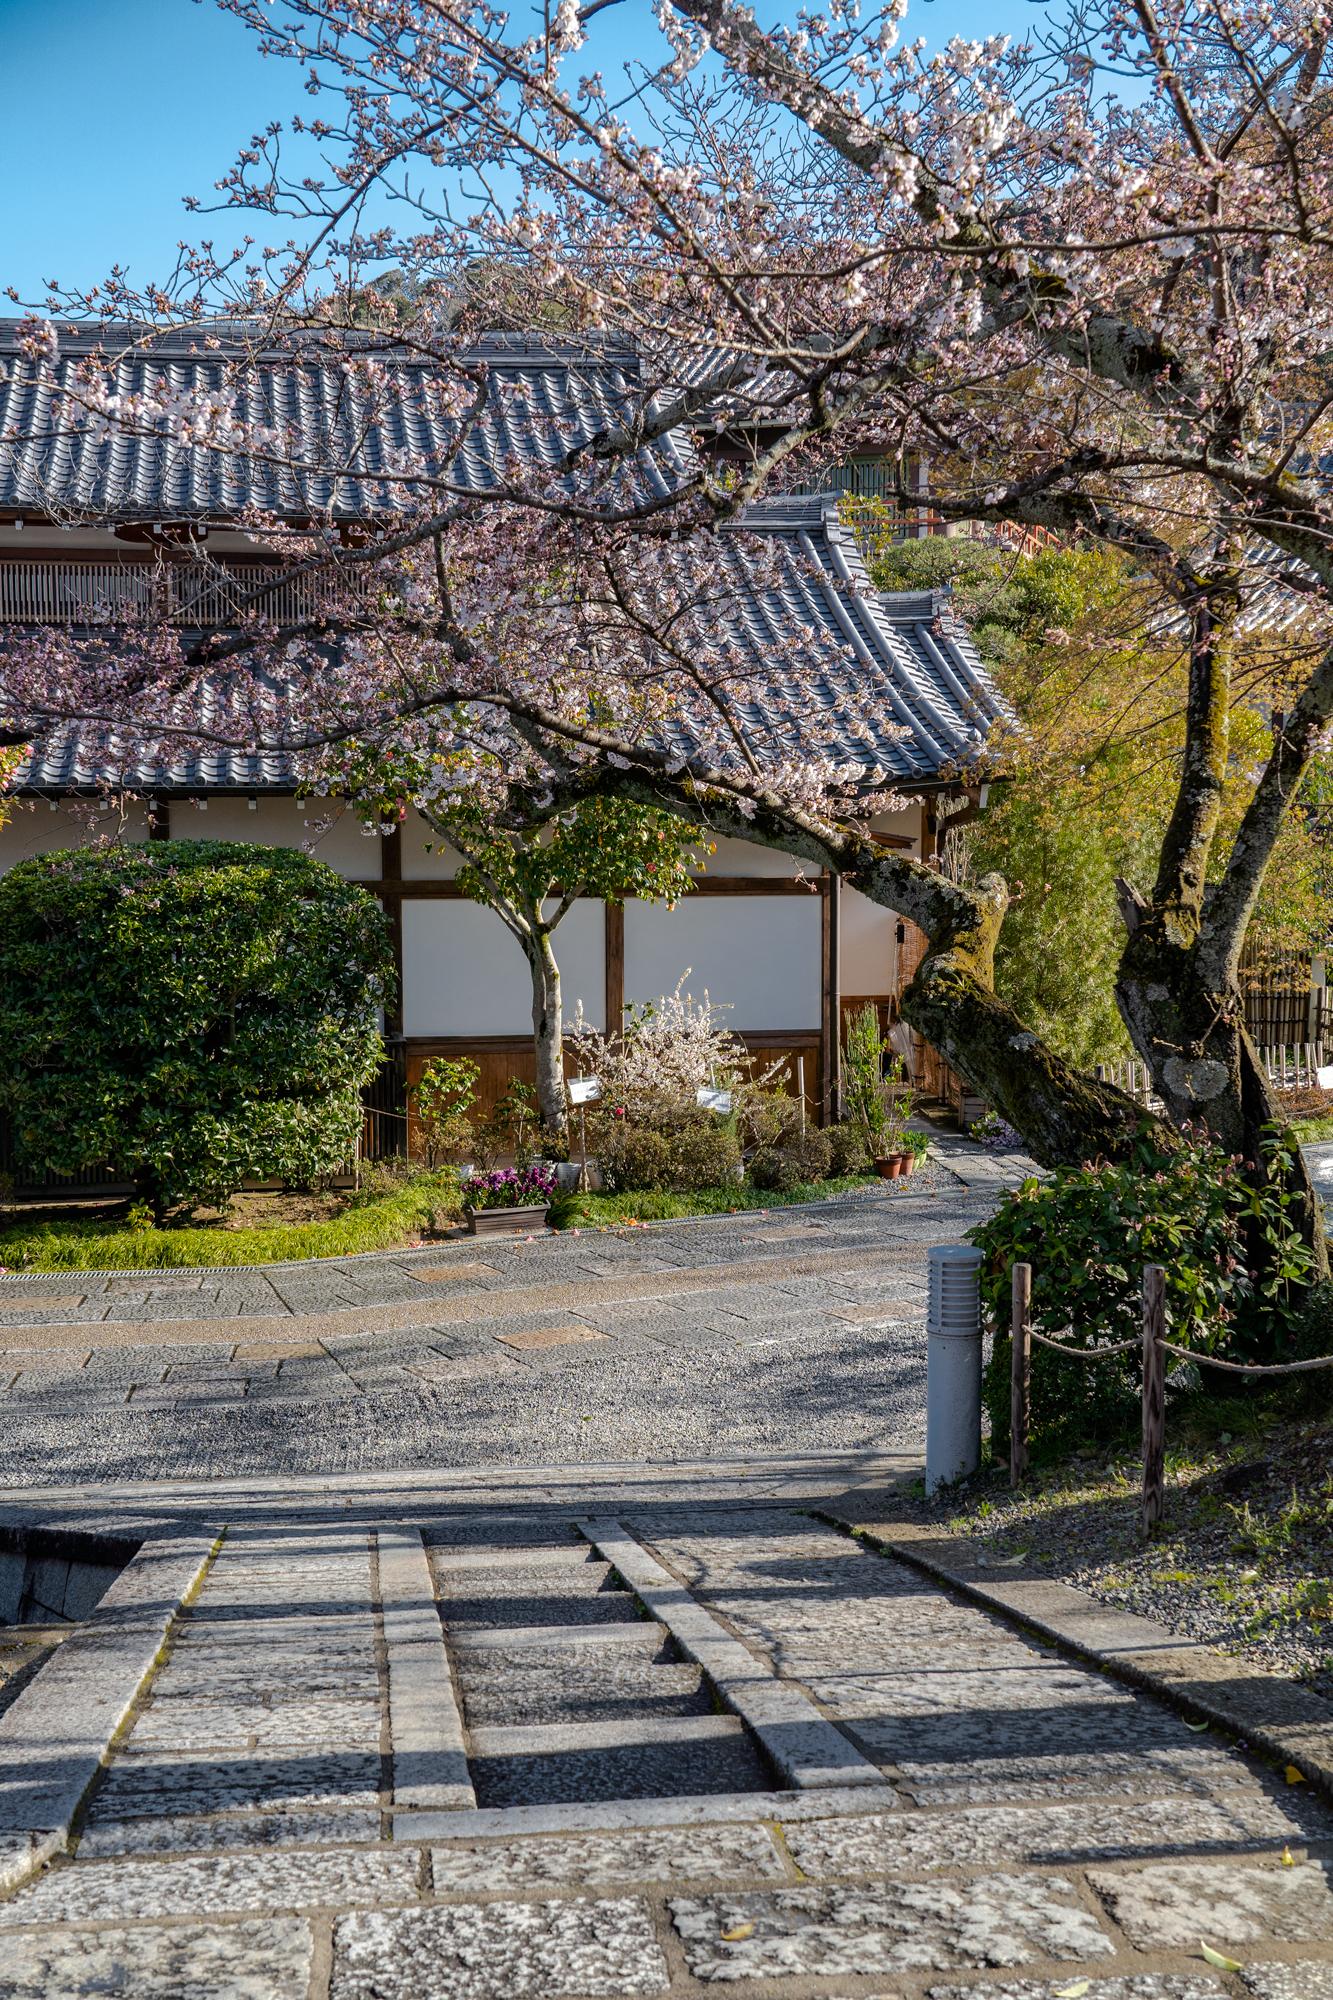 SONY_ILCE-7M3_3283485170-3283535207_2213 京都府 清水寺(2020年 清水寺の桜景色と春におすすめの写真スポット. 見どころやライトアップ、アクセス、工事状況、桜の見頃情報まとめ)